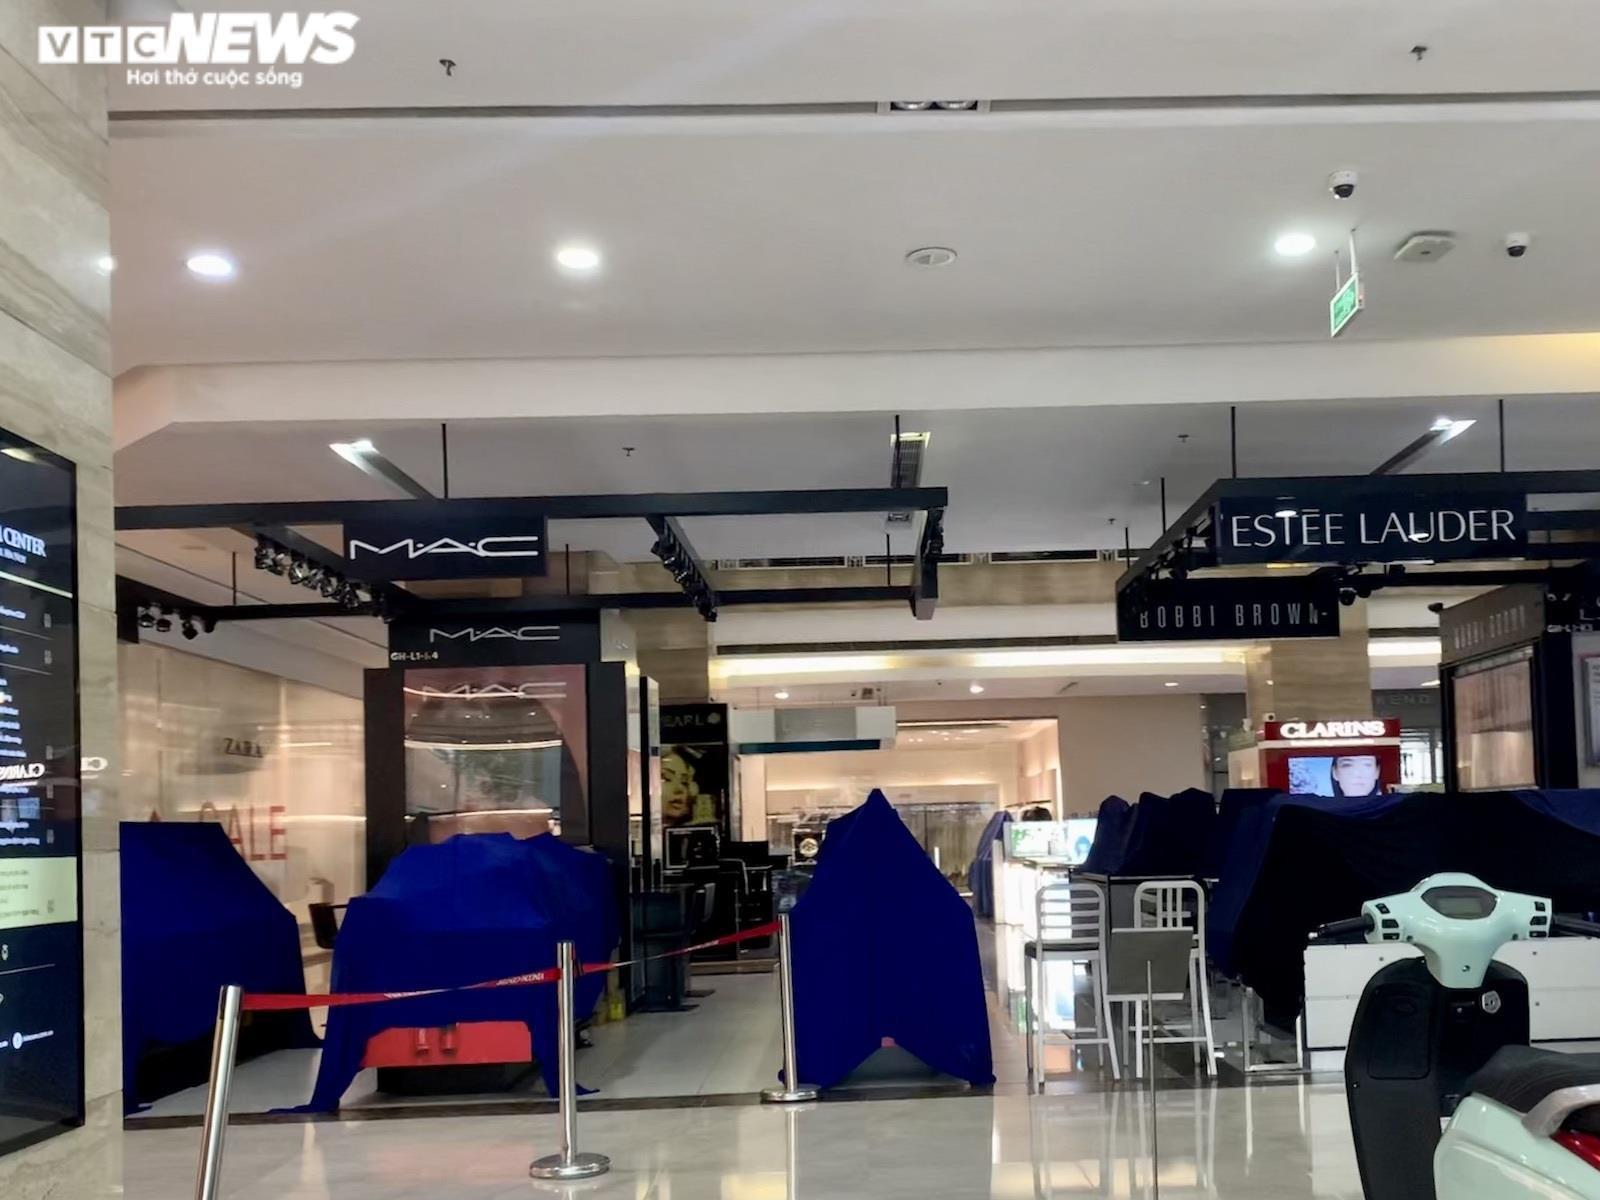 Hà Nội nới lỏng giãn cách, trung tâm thương mại vẫn ngủ vùi trong vắng lặng - 3